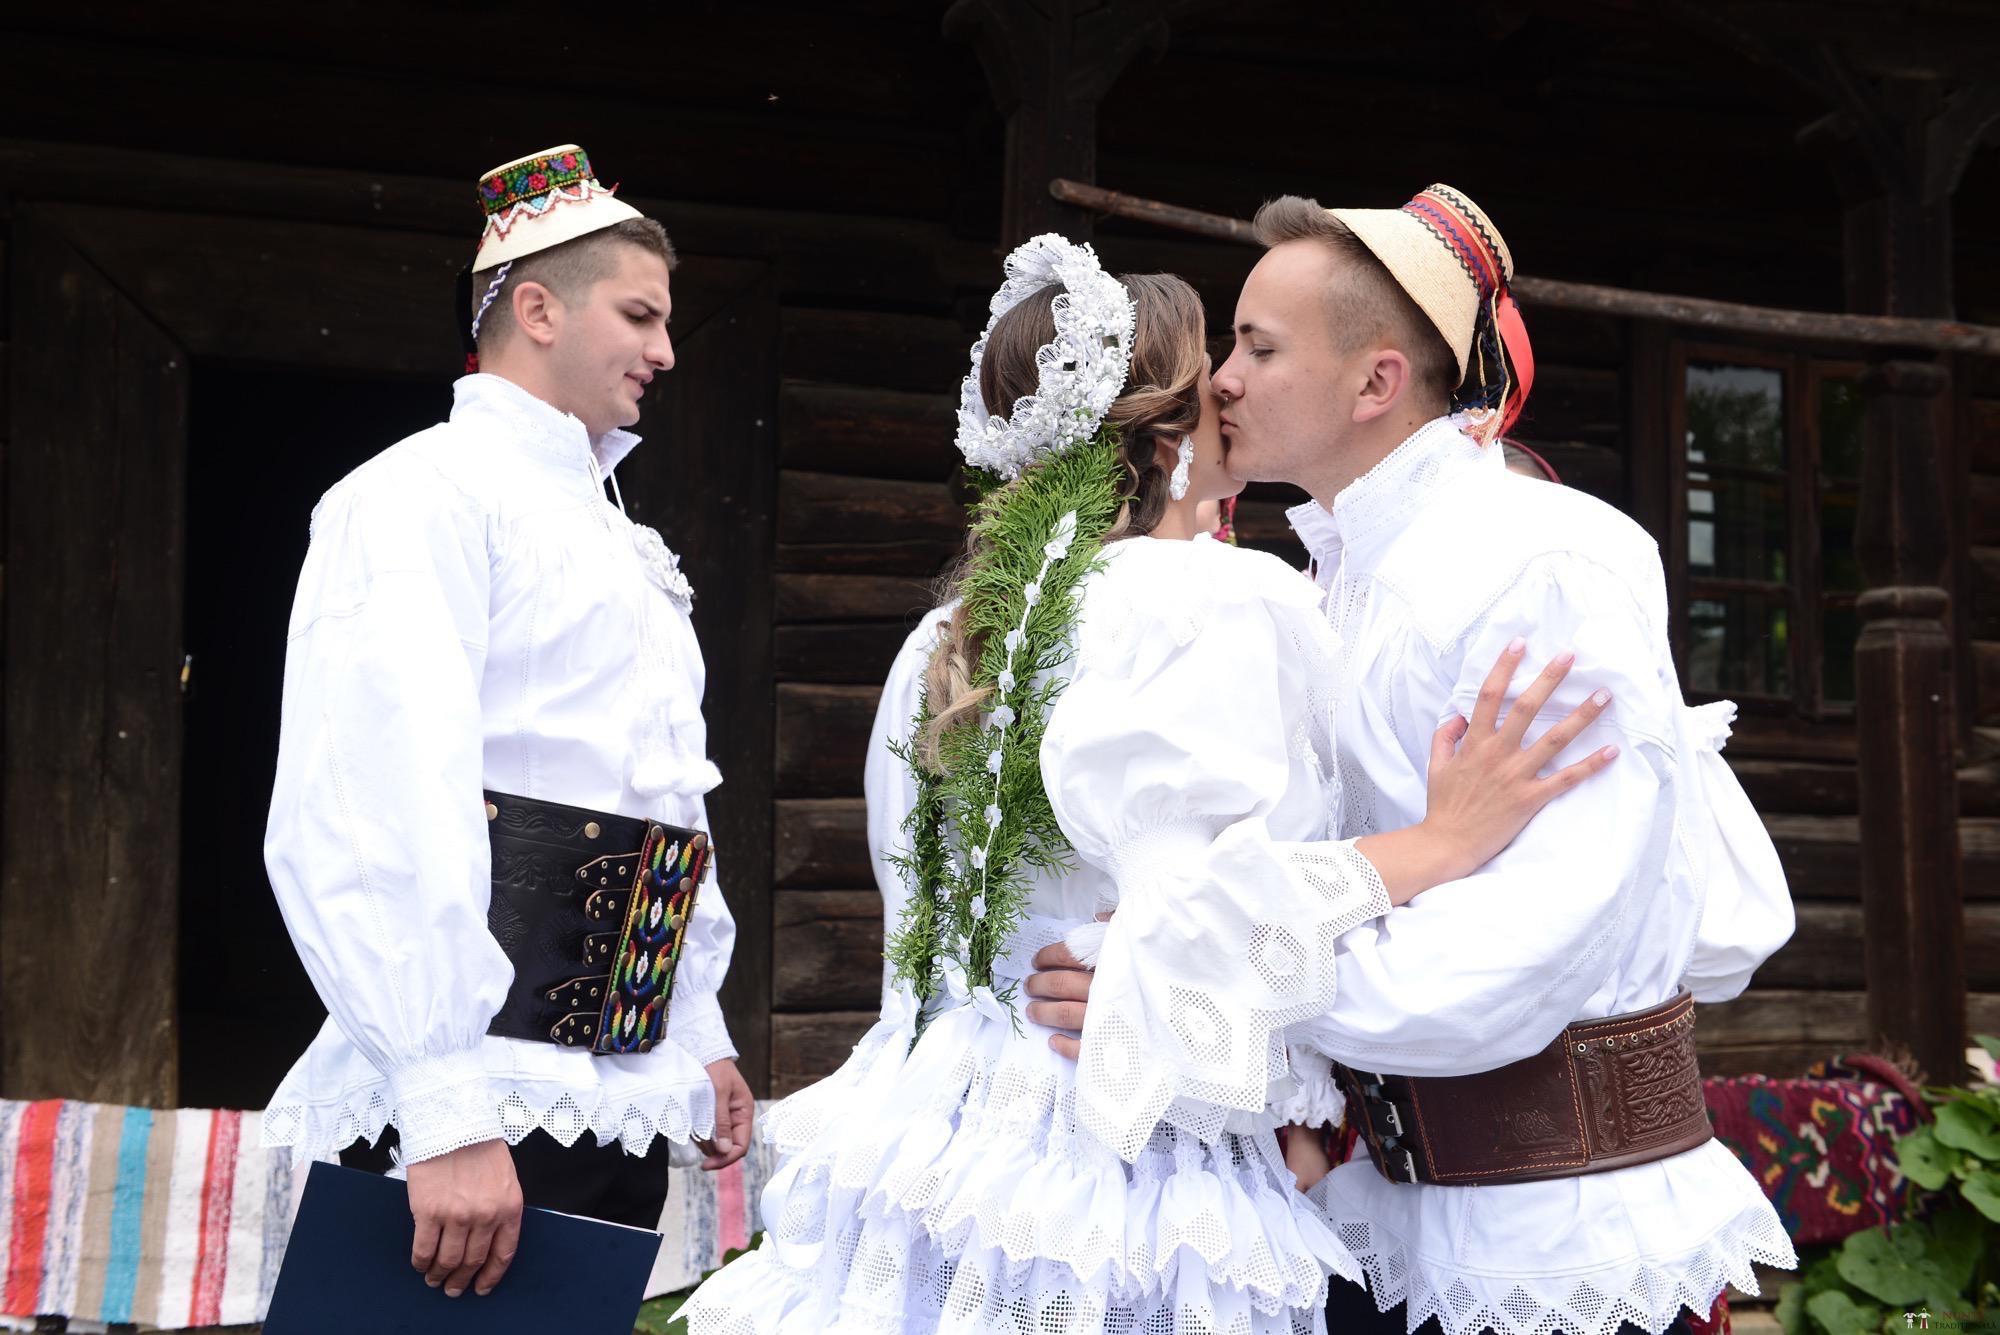 Povești Nunți Tradiționale - Florentina Vlad și Lemnean Ionuț. Cununie tradițională în Baia Mare 22